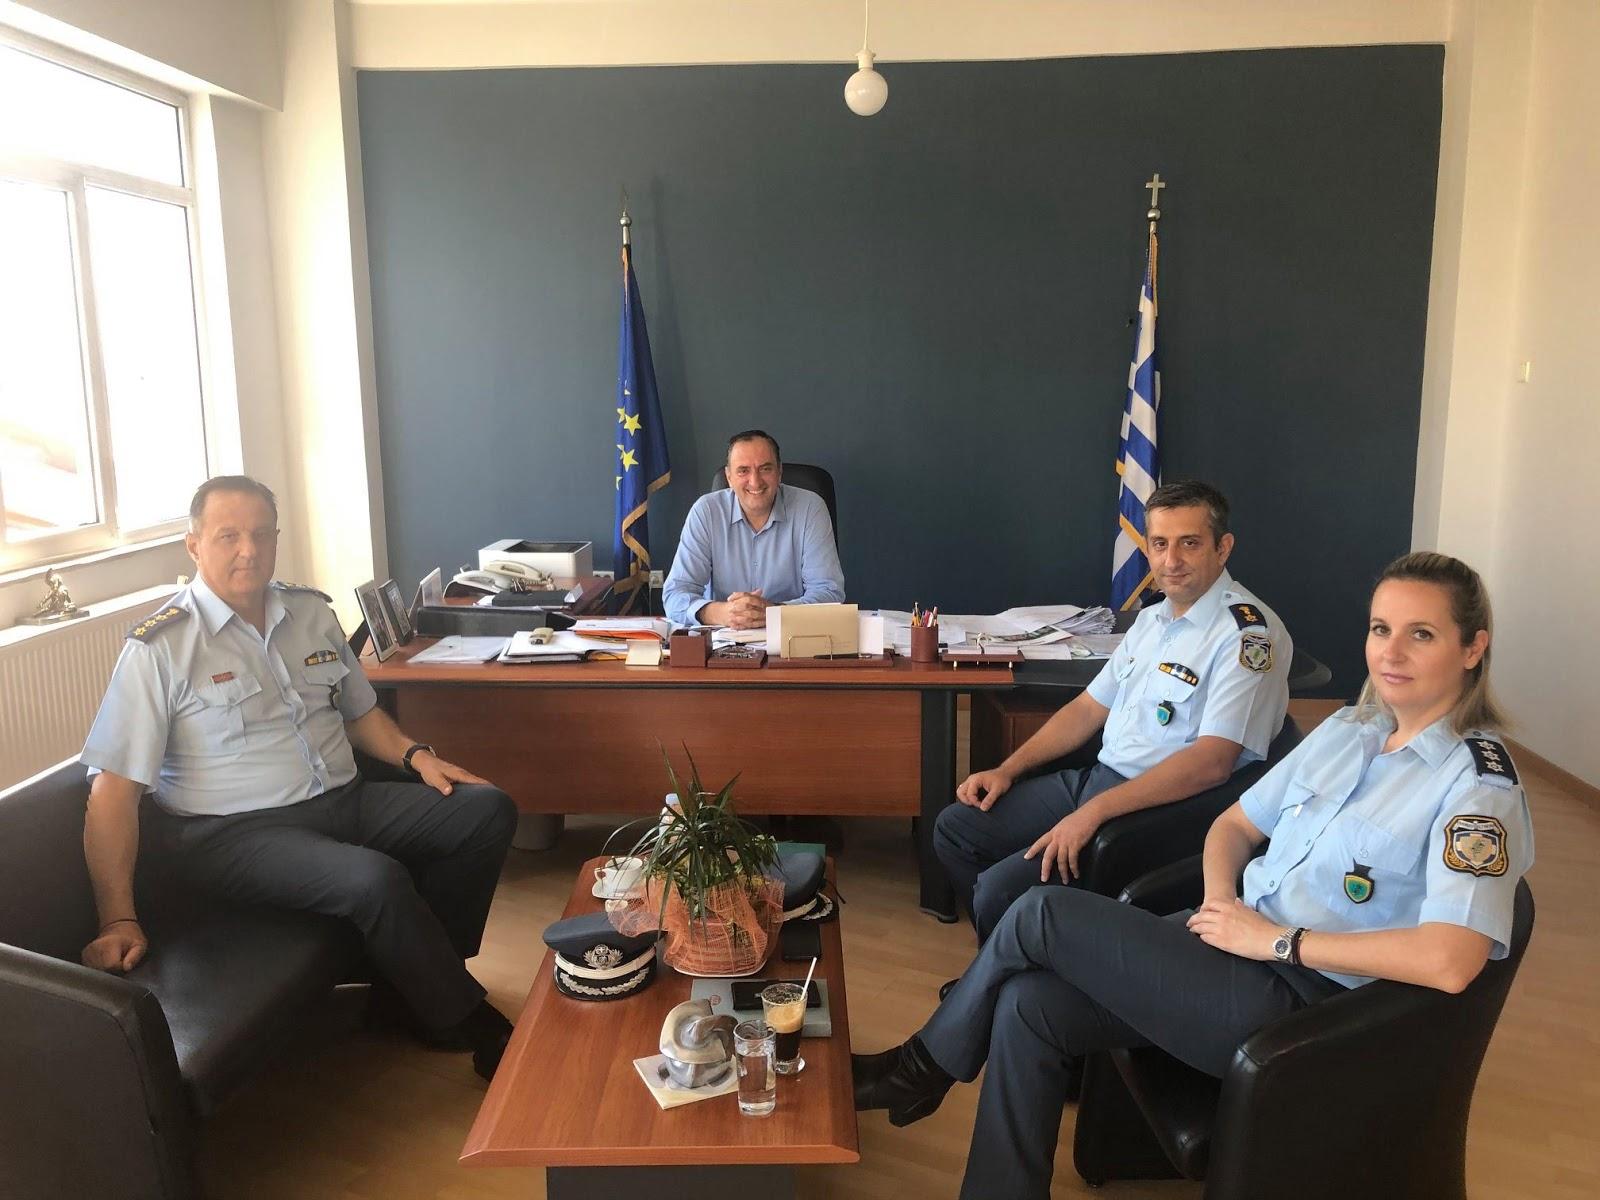 Επίσκεψη Αστυνομικού Διευθυντή Λάρισας στο Δήμαρχο Τυρνάβου